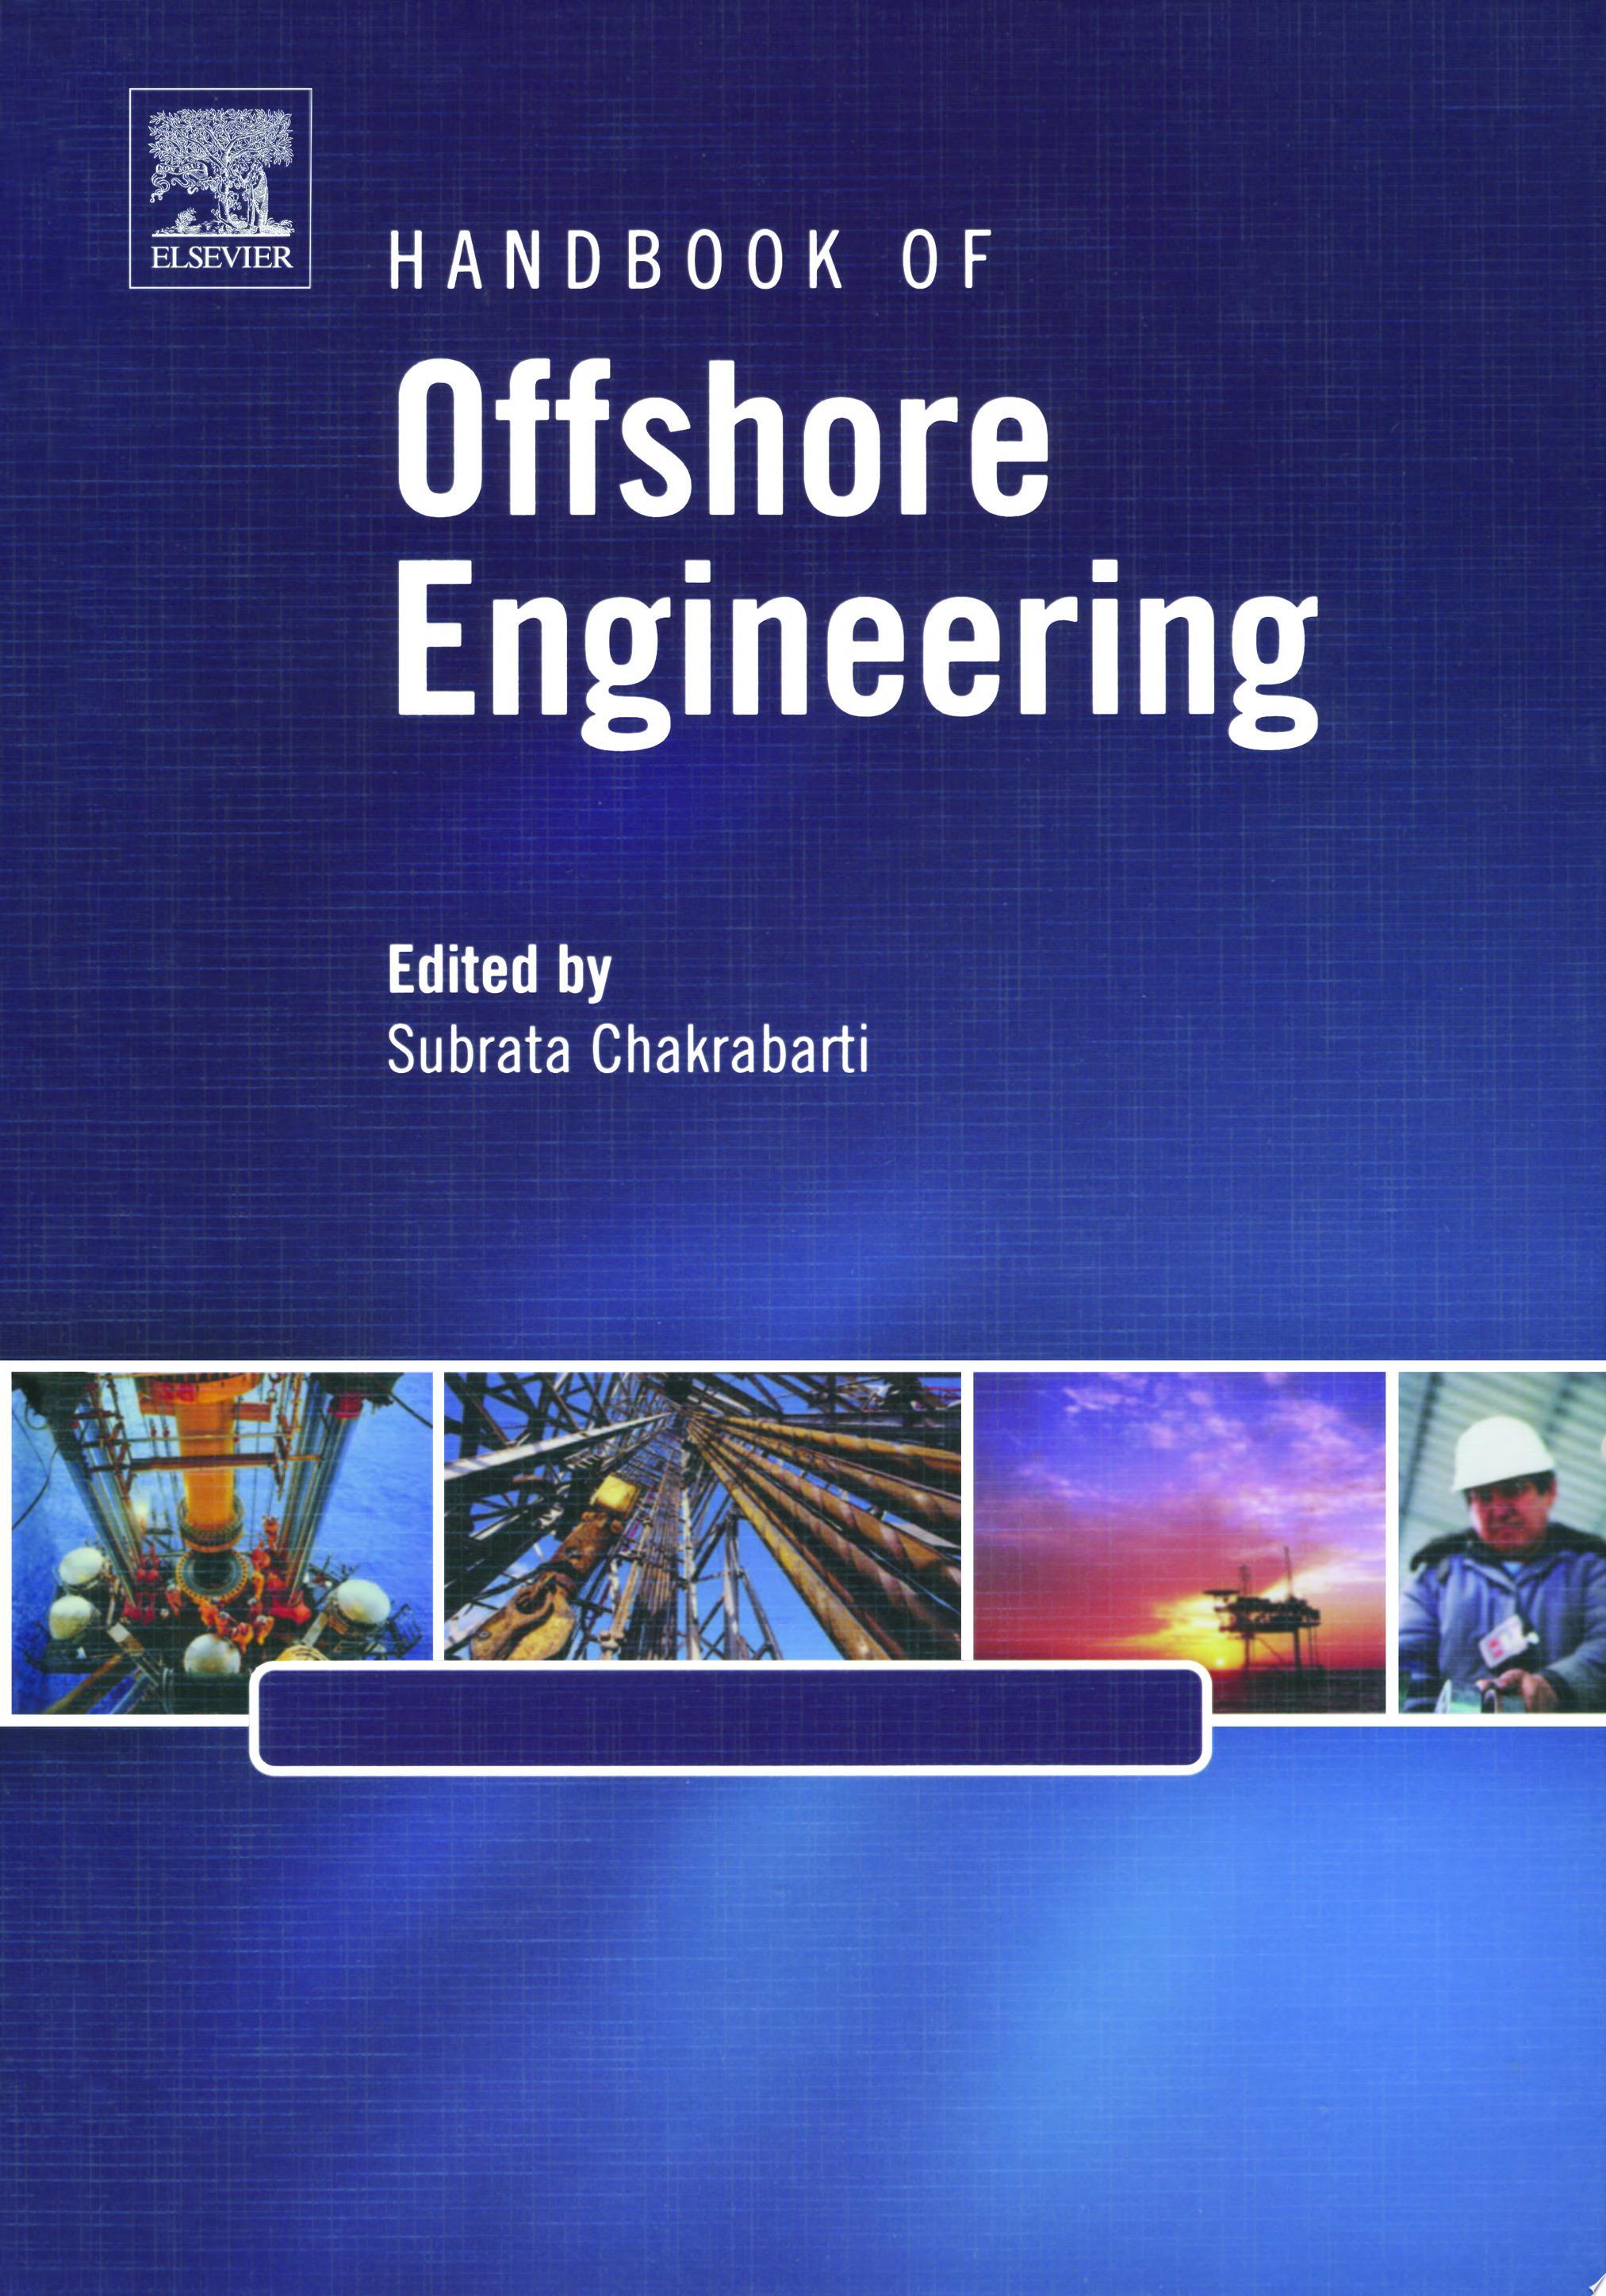 Handbook of Offshore Engineering